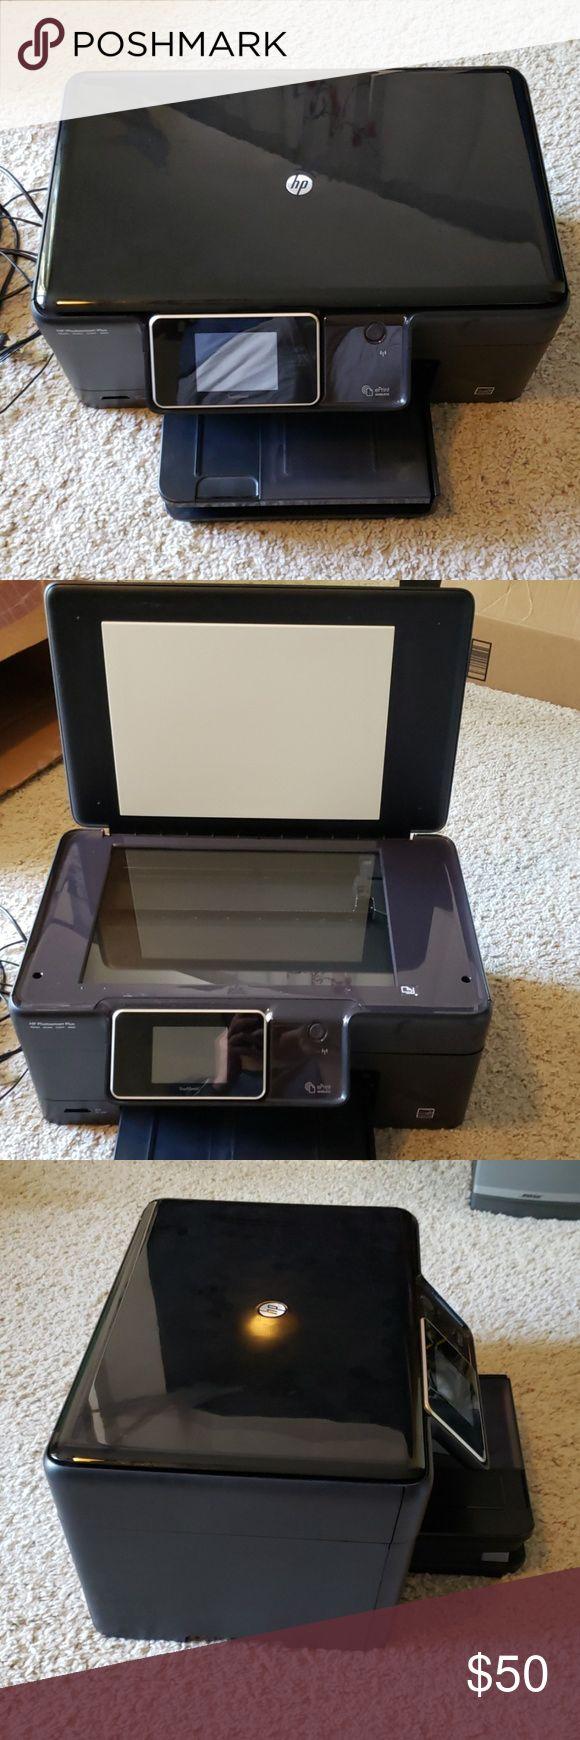 HP Photosmart Plus Printer B210a Print, scan, copy, web